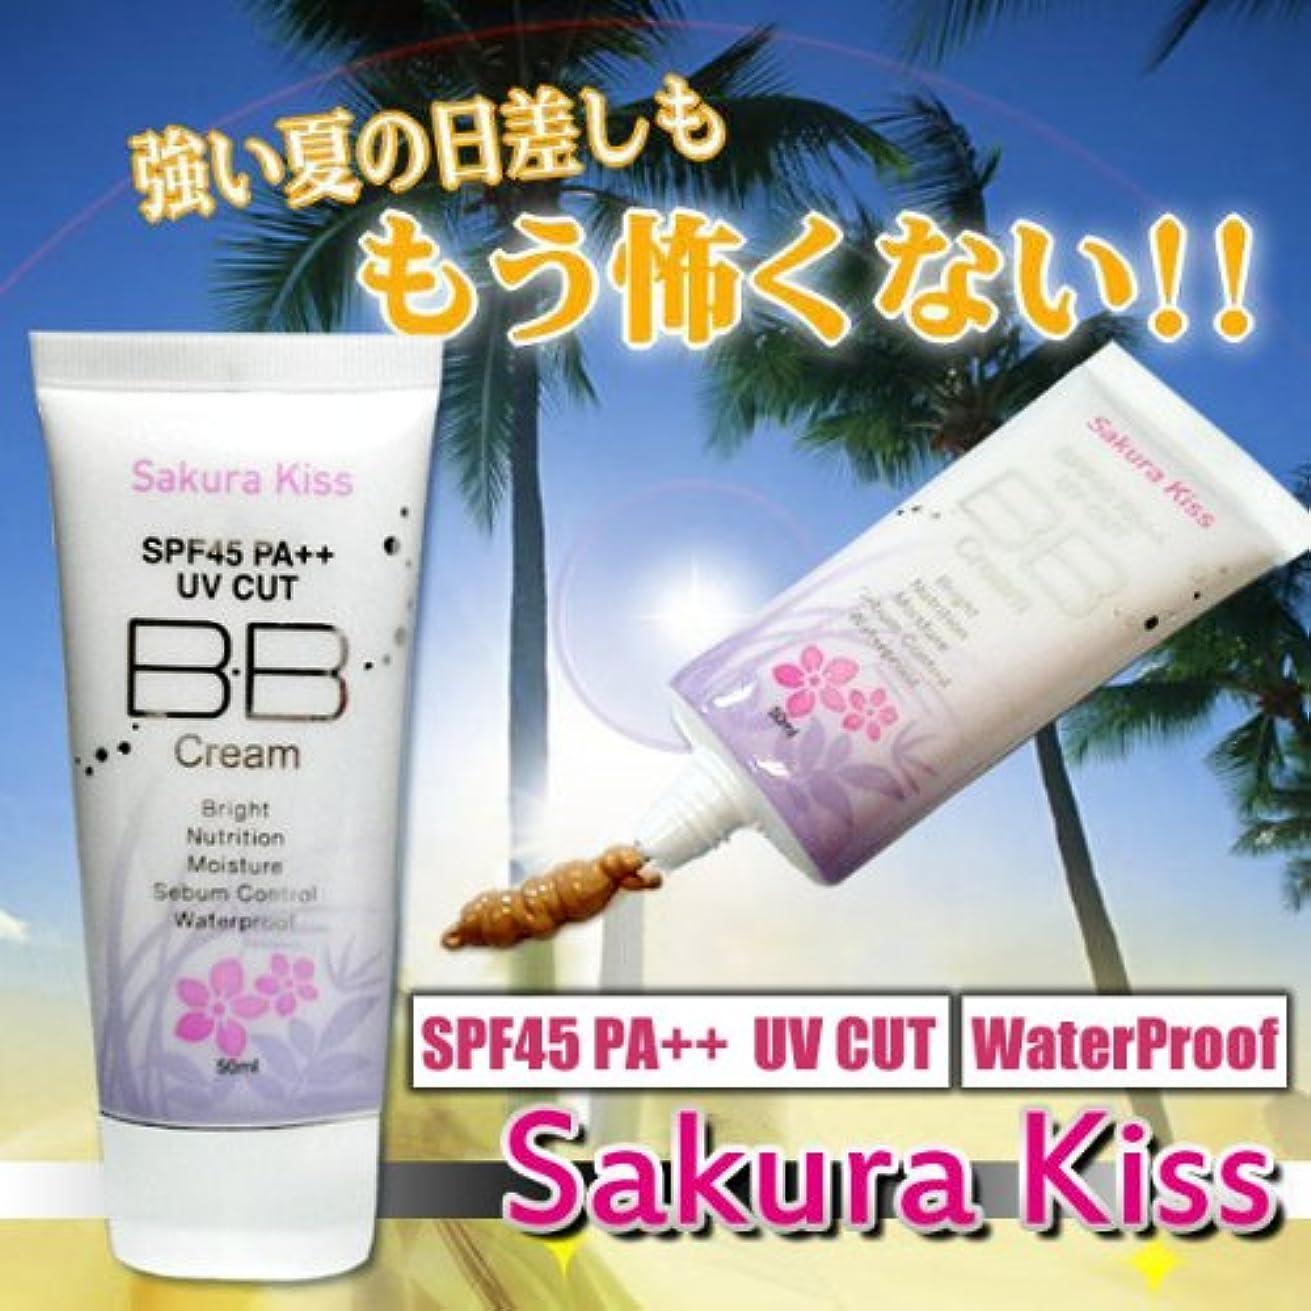 温度哀れな終点Sakura Kiss BBクリーム UVプロテクト SPF45PA++ 50ml